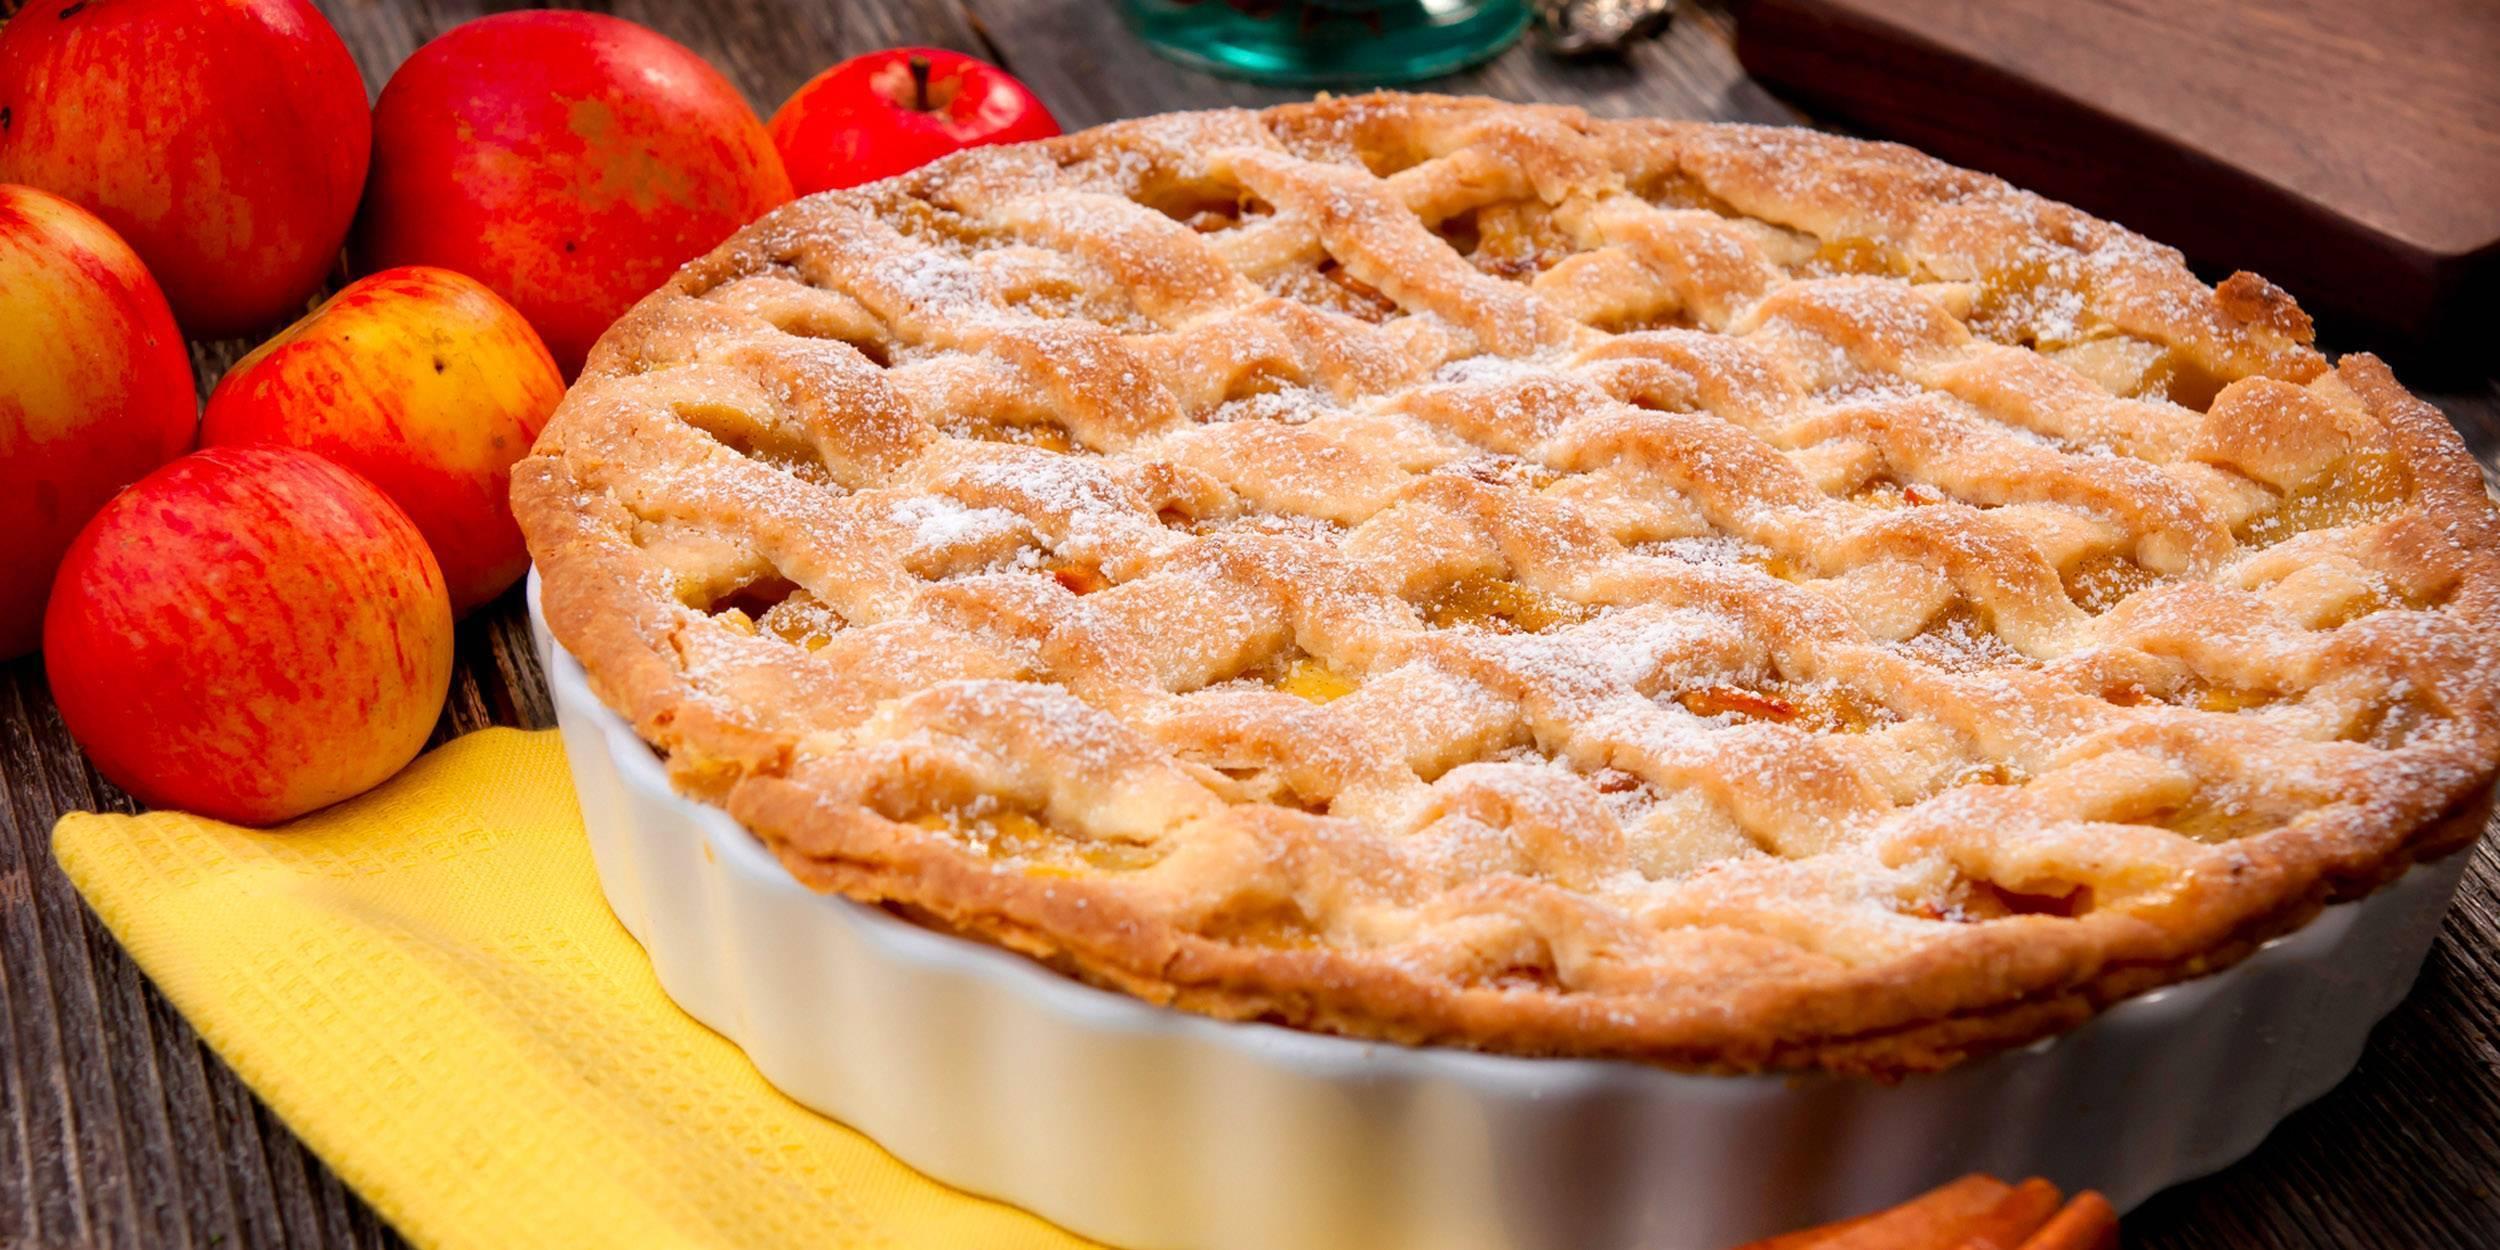 Яблочный пирог с орехами - 8 пошаговых фото в рецепте